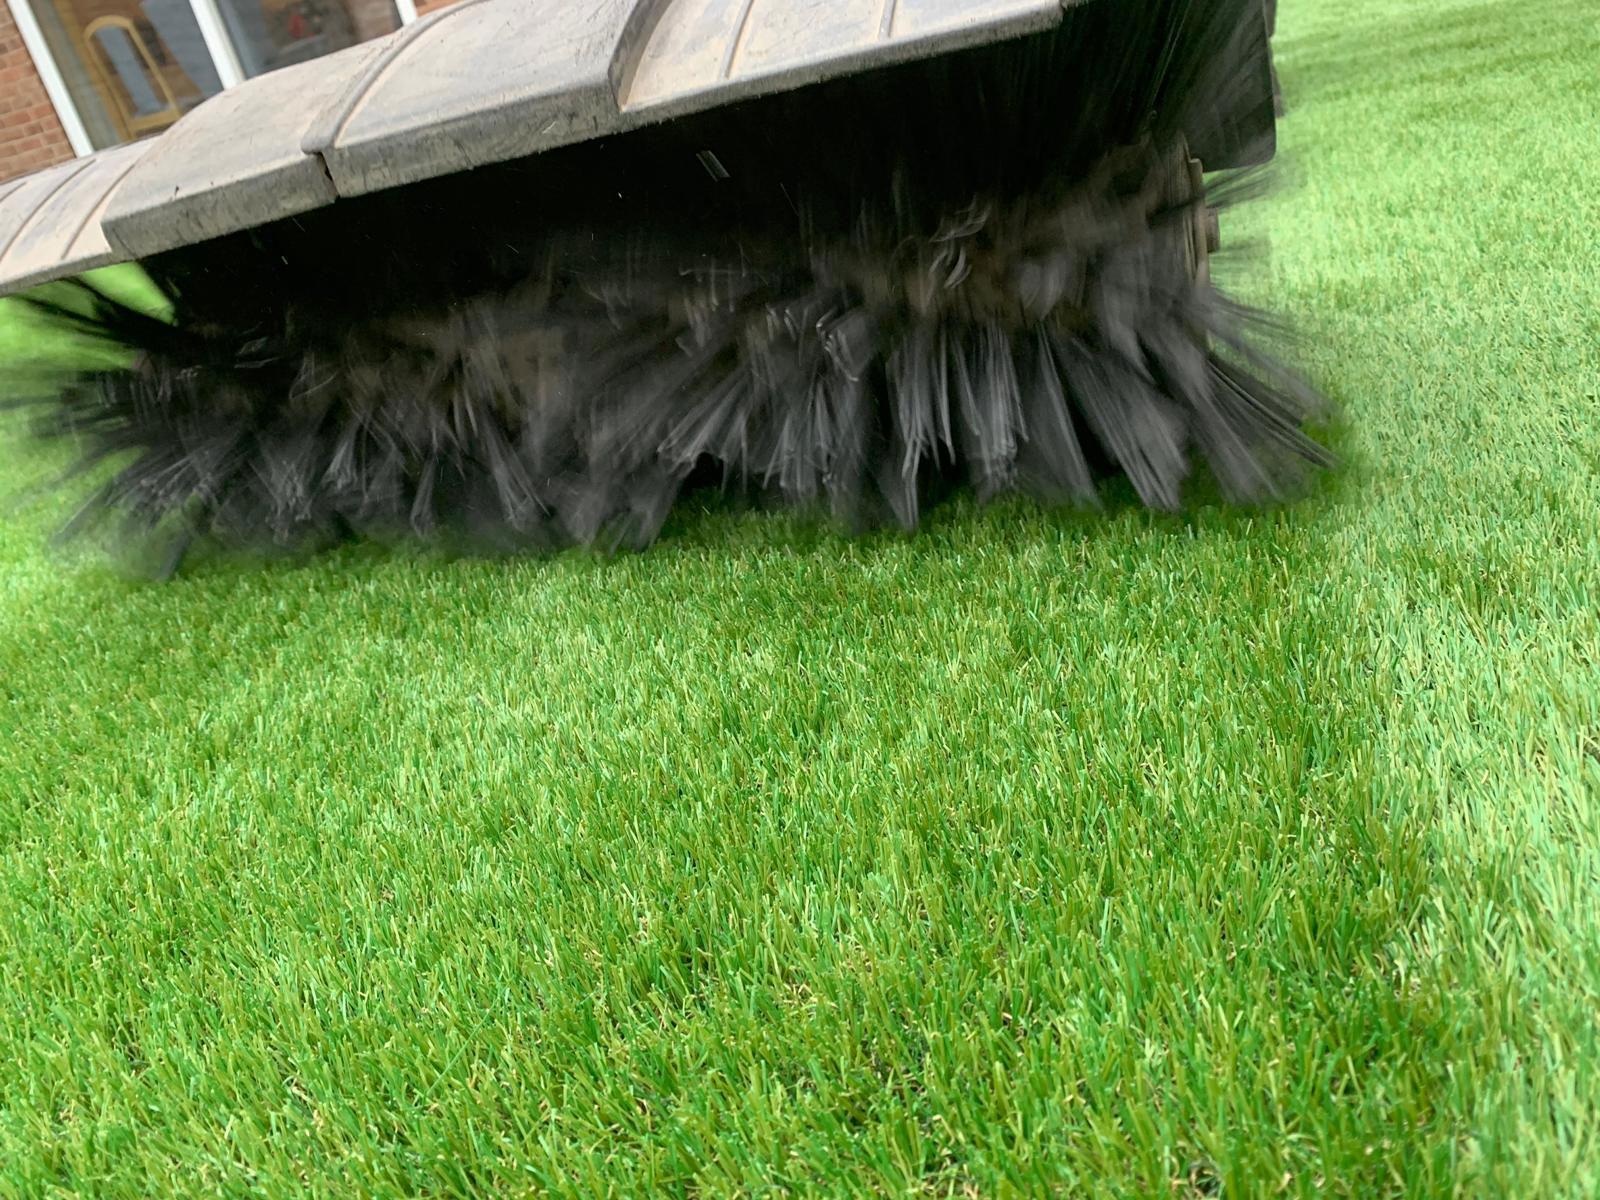 Best Quality Artificial Grass Ashton Under Lyne Artificial Super Grass